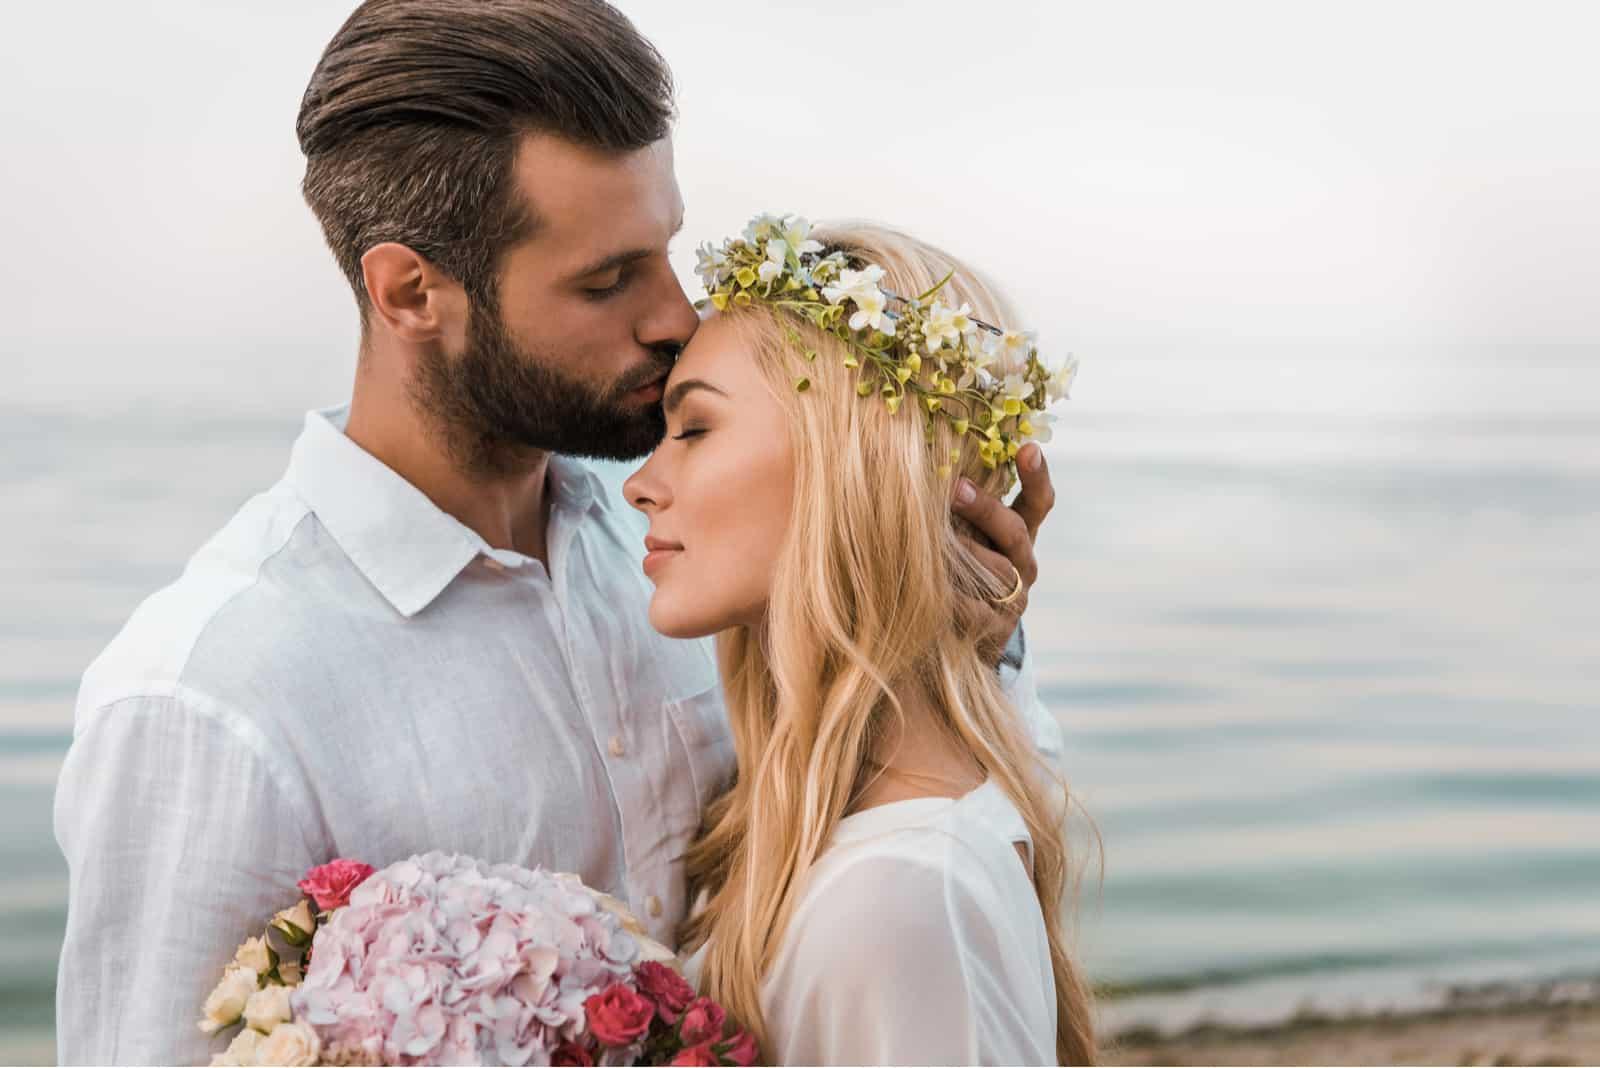 hübscher Bräutigam küsst attraktive Braut in die Stirn am Strand